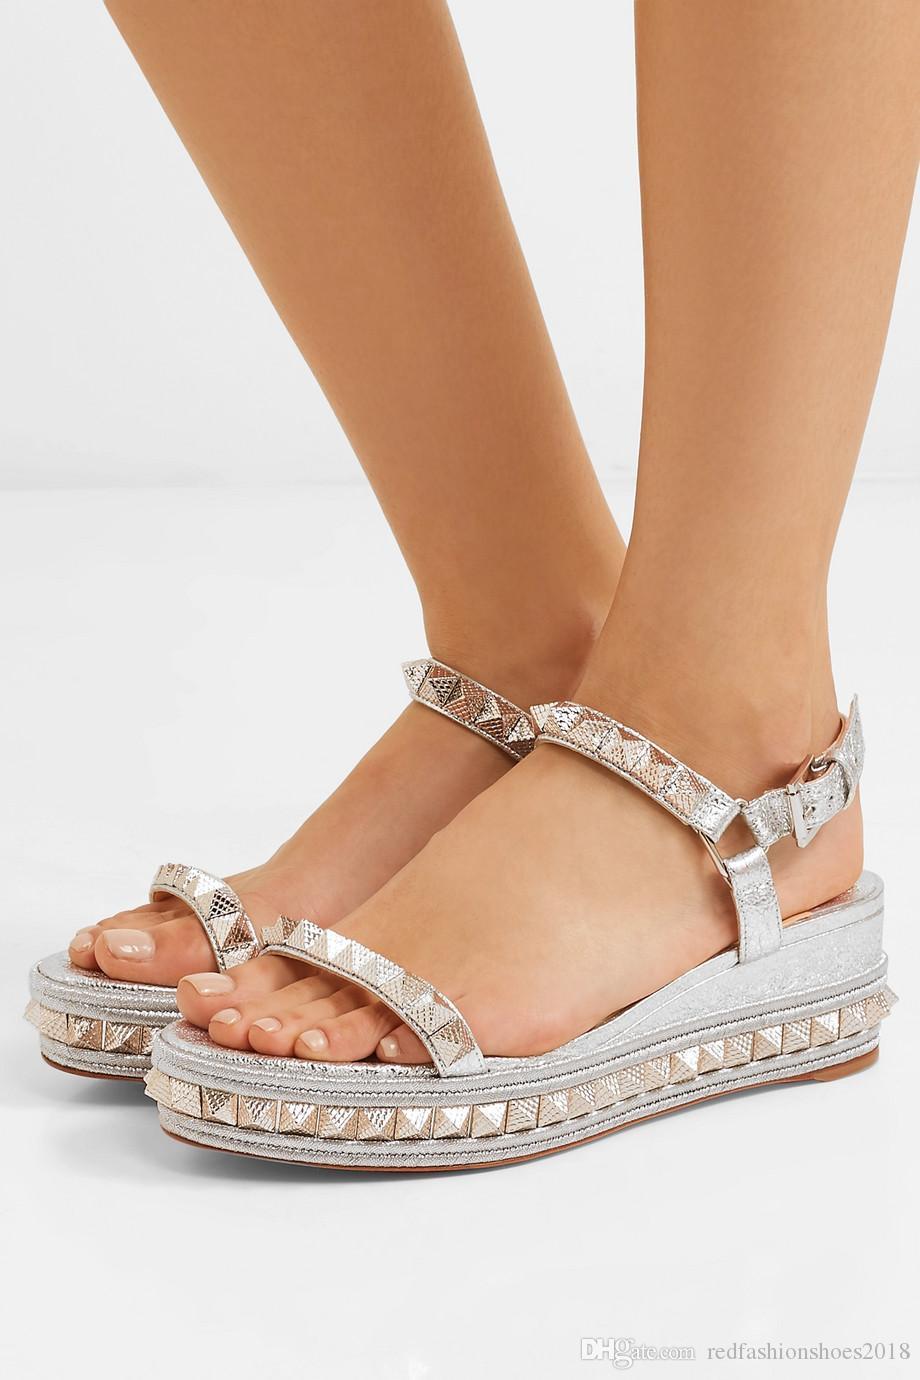 Yaz tarzı alt dilimleri gelin rahat sandaletler kadın sıçramalarını damızlık Sandalias femininas seksi bayanlar, ayak bileği kayışı yüksek topuklu gladyatör kırmızı